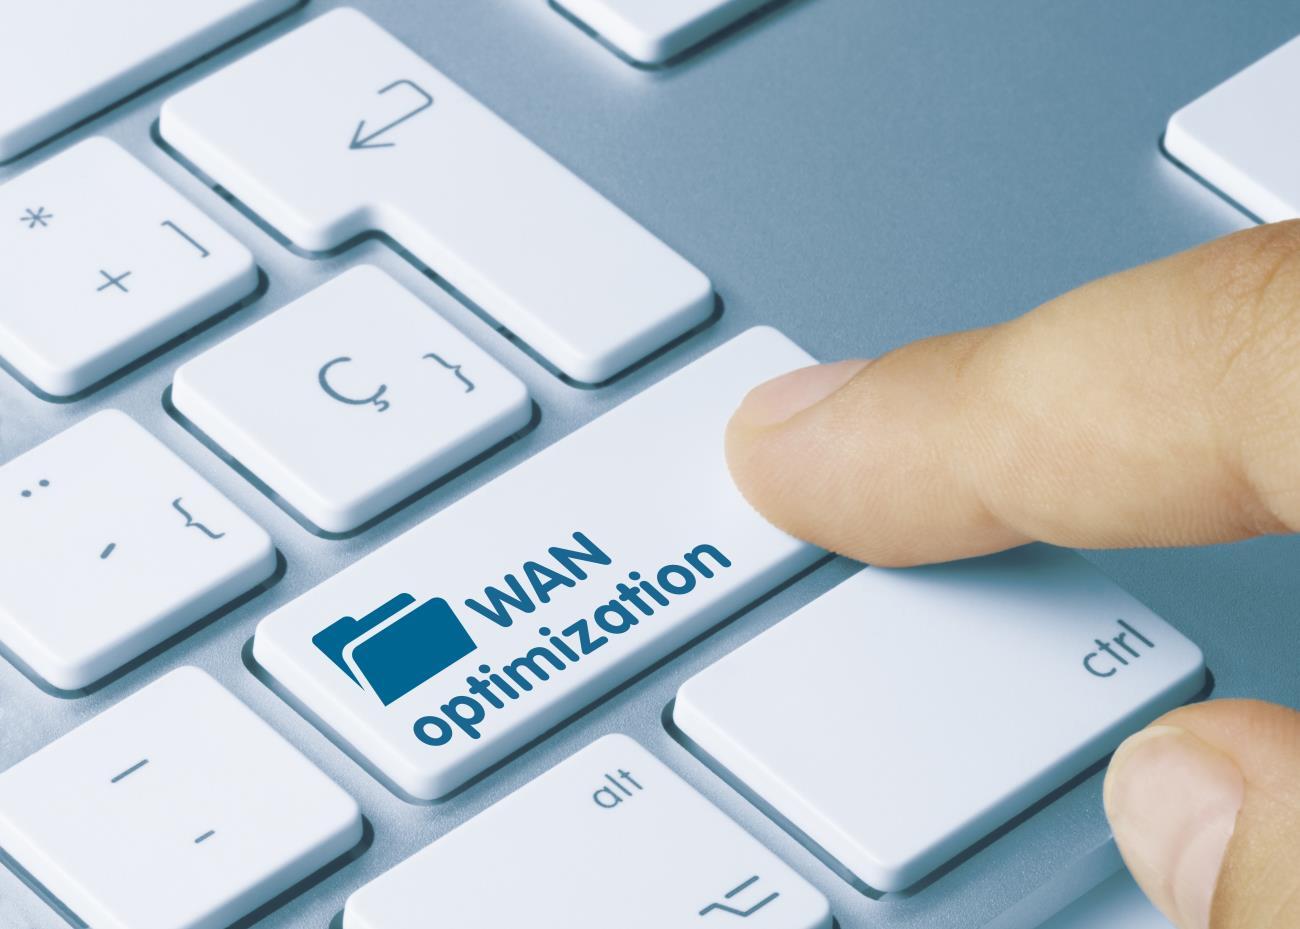 Citrix NetScaler SD-WAN Licensing